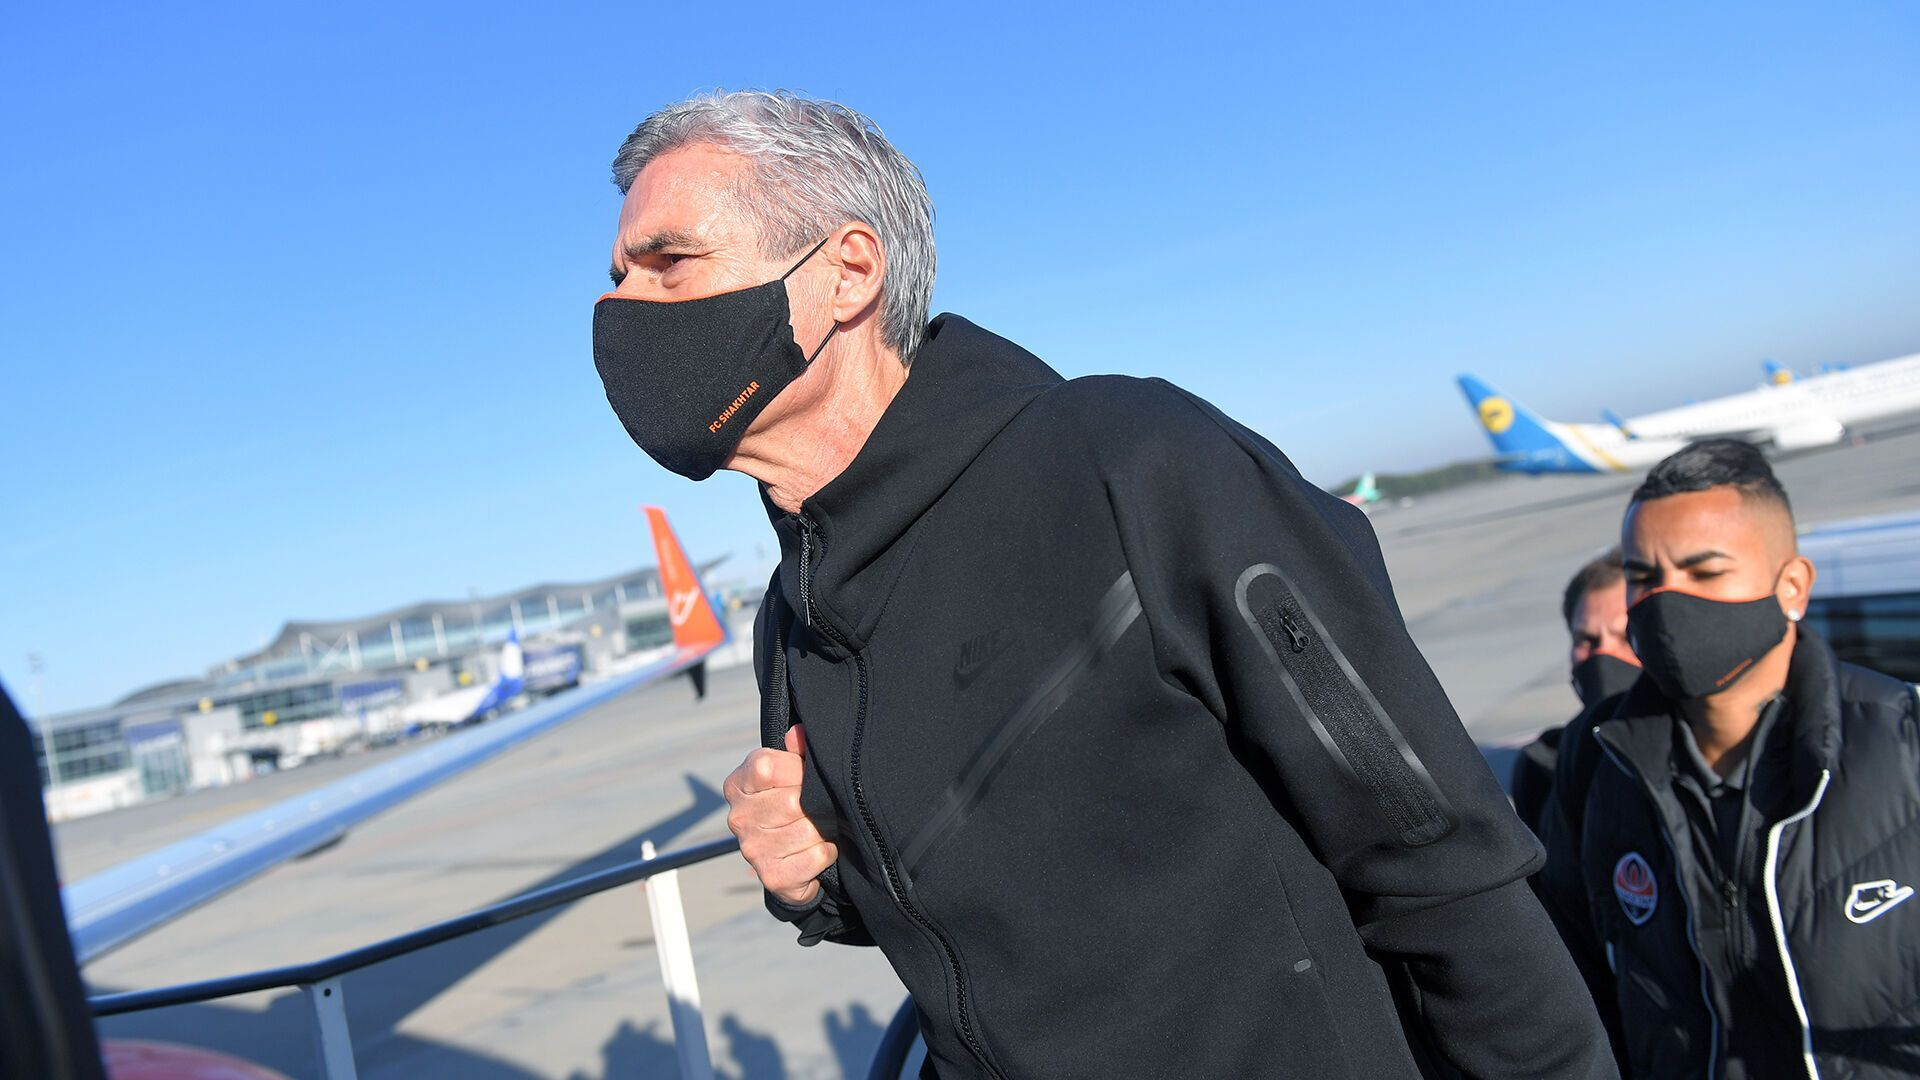 Луиш Каштру готовится к тяжелому матчу